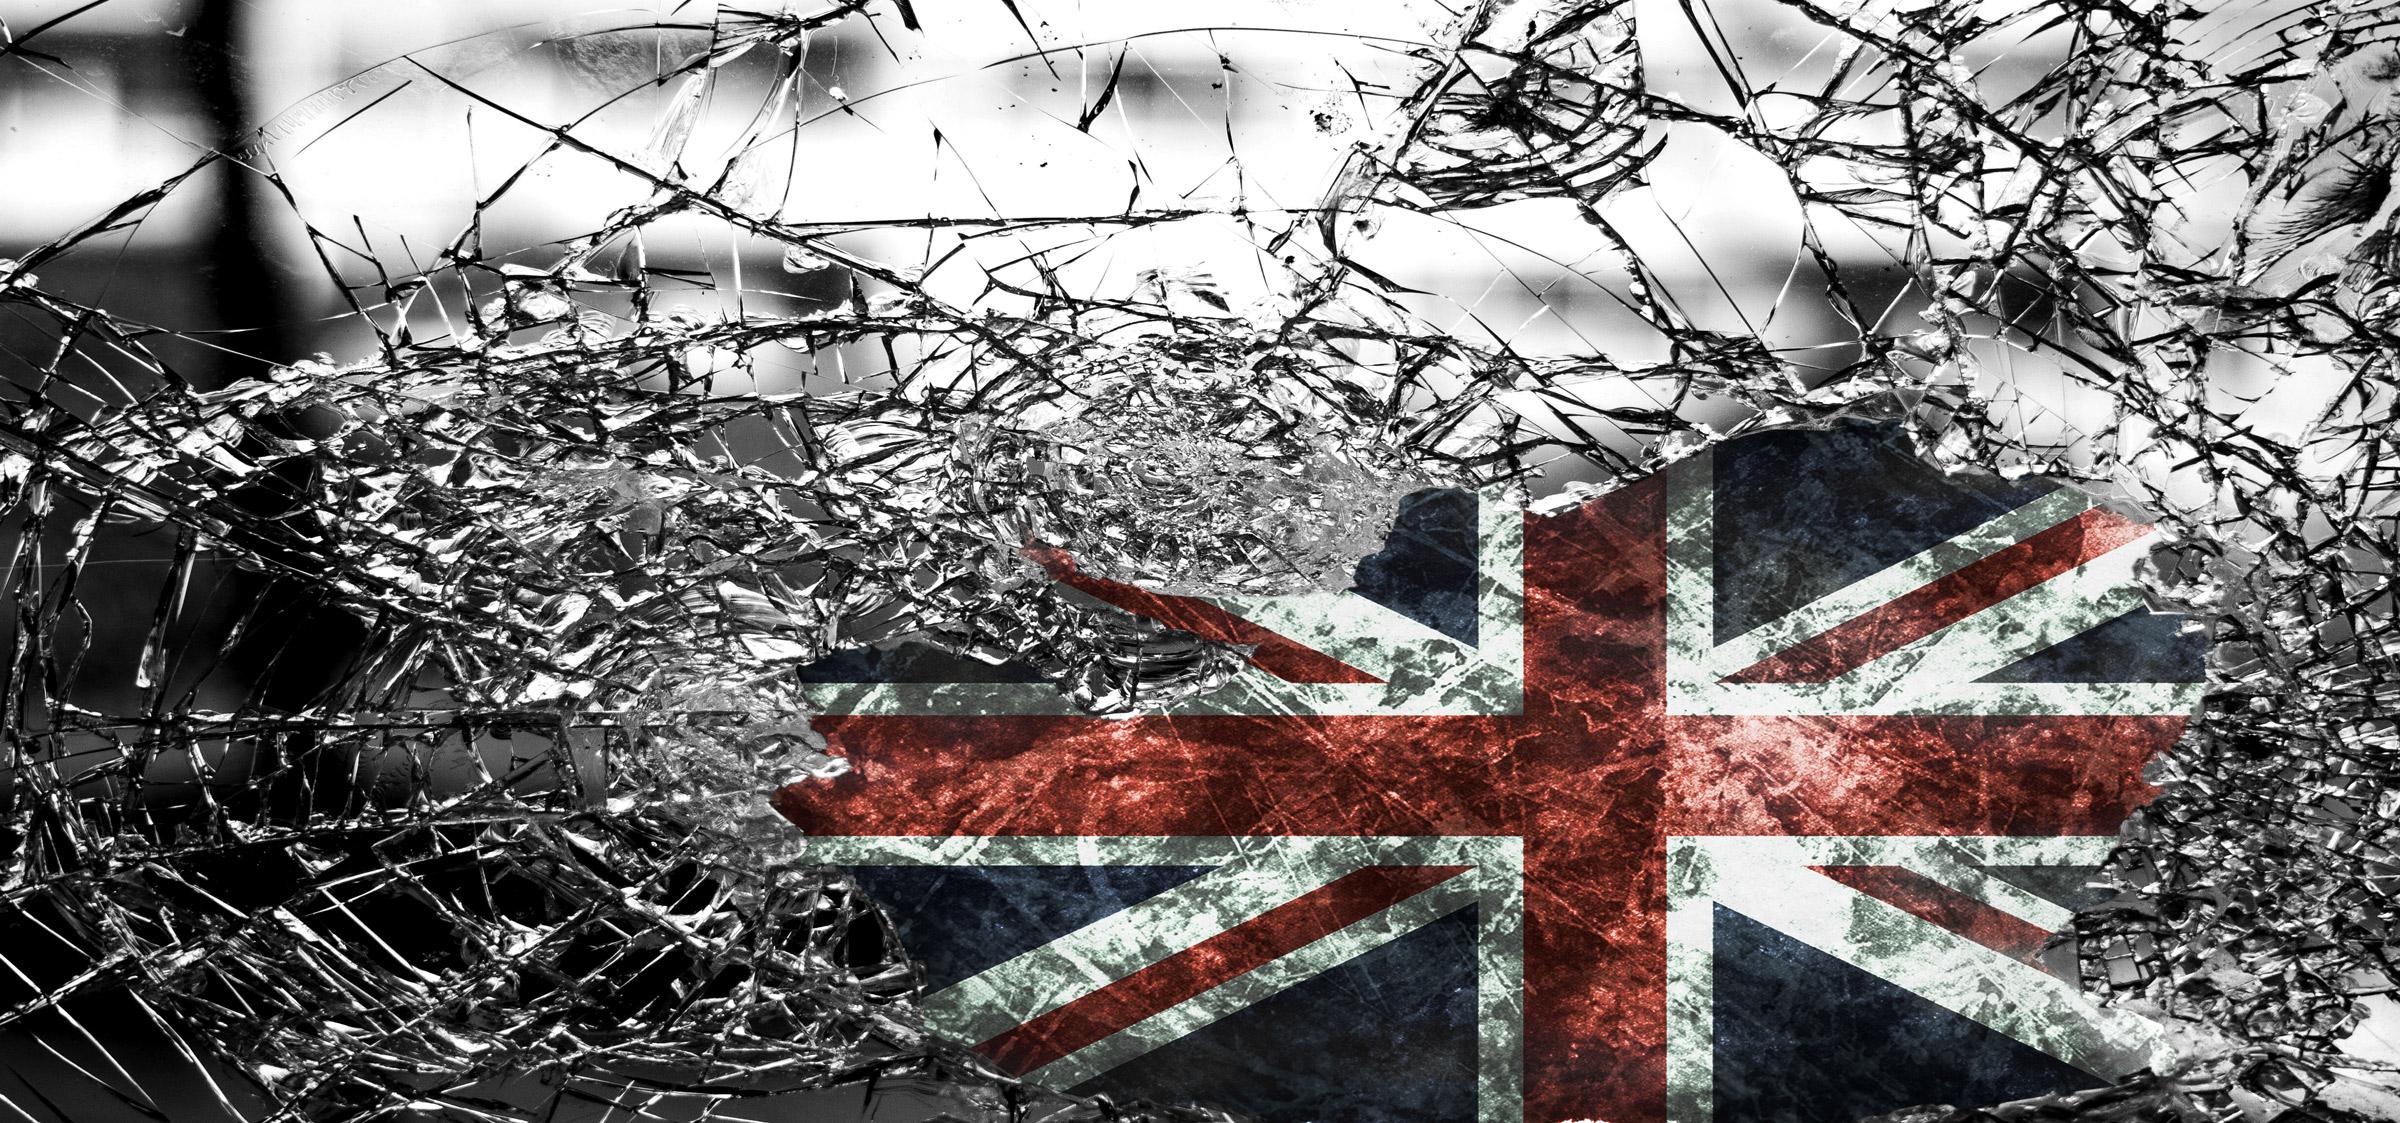 NATO-Terror in Libyen und das Massaker von Manchester: Was wusste die britische Regierung? <br>  <span id='sec-title'>John Pilger über die unbequemen Hintergründe des Manchester-Terrors</span>